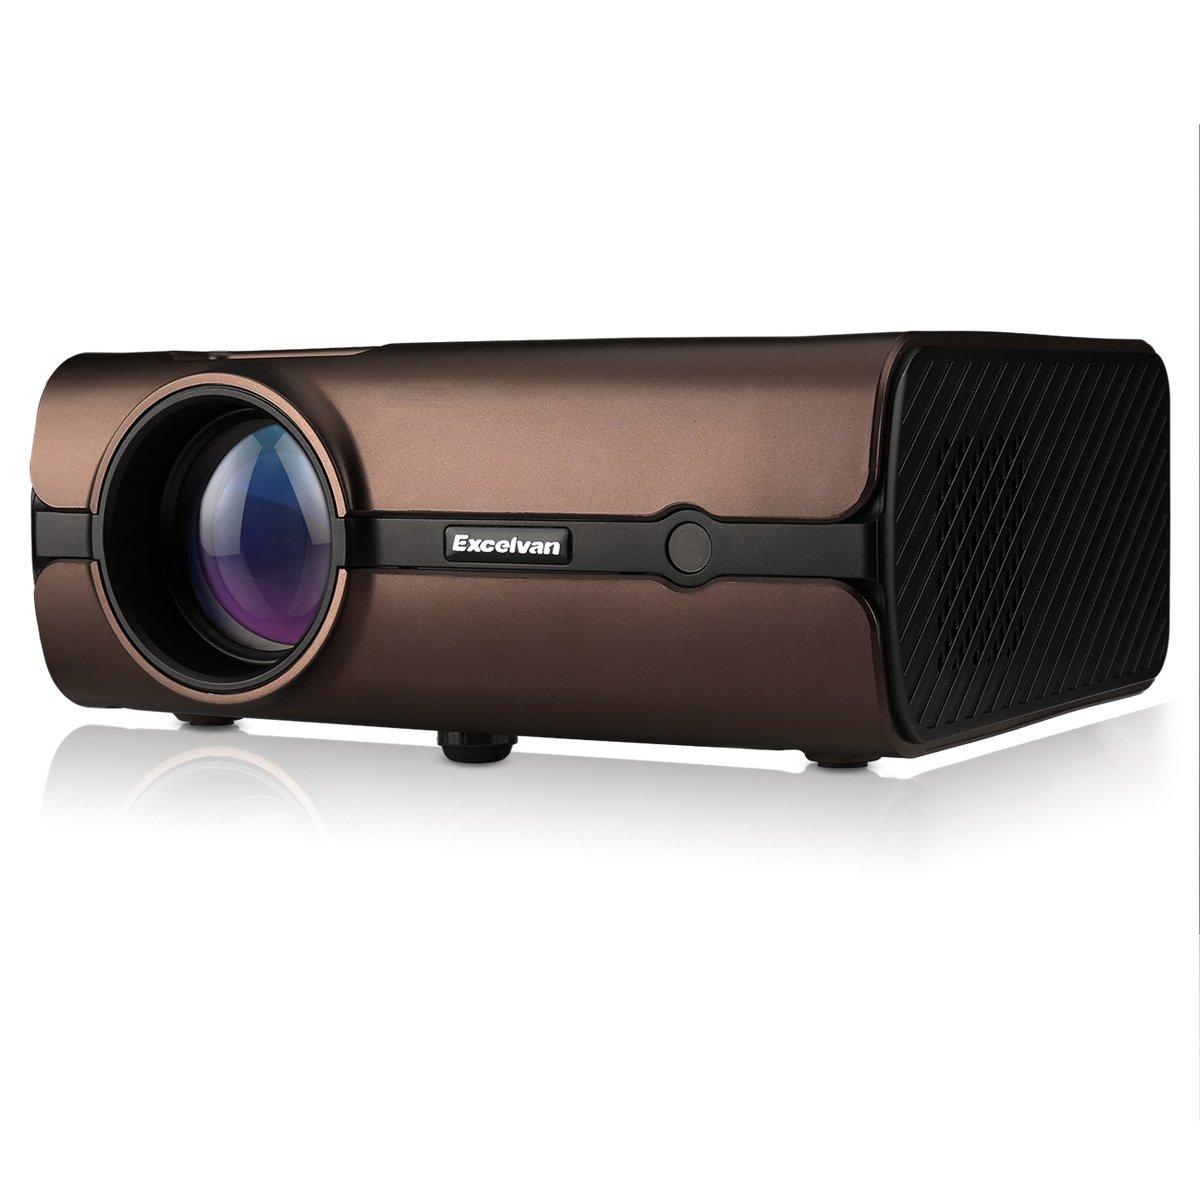 Proyector LED de 2000 lúmenes,Excelvan BL45 Proyector, Soporta 1080p Full HD,HDMI,VGA,USB,Tarjeta de Memoria,para Cine en Casa,TV,Computadoras ...